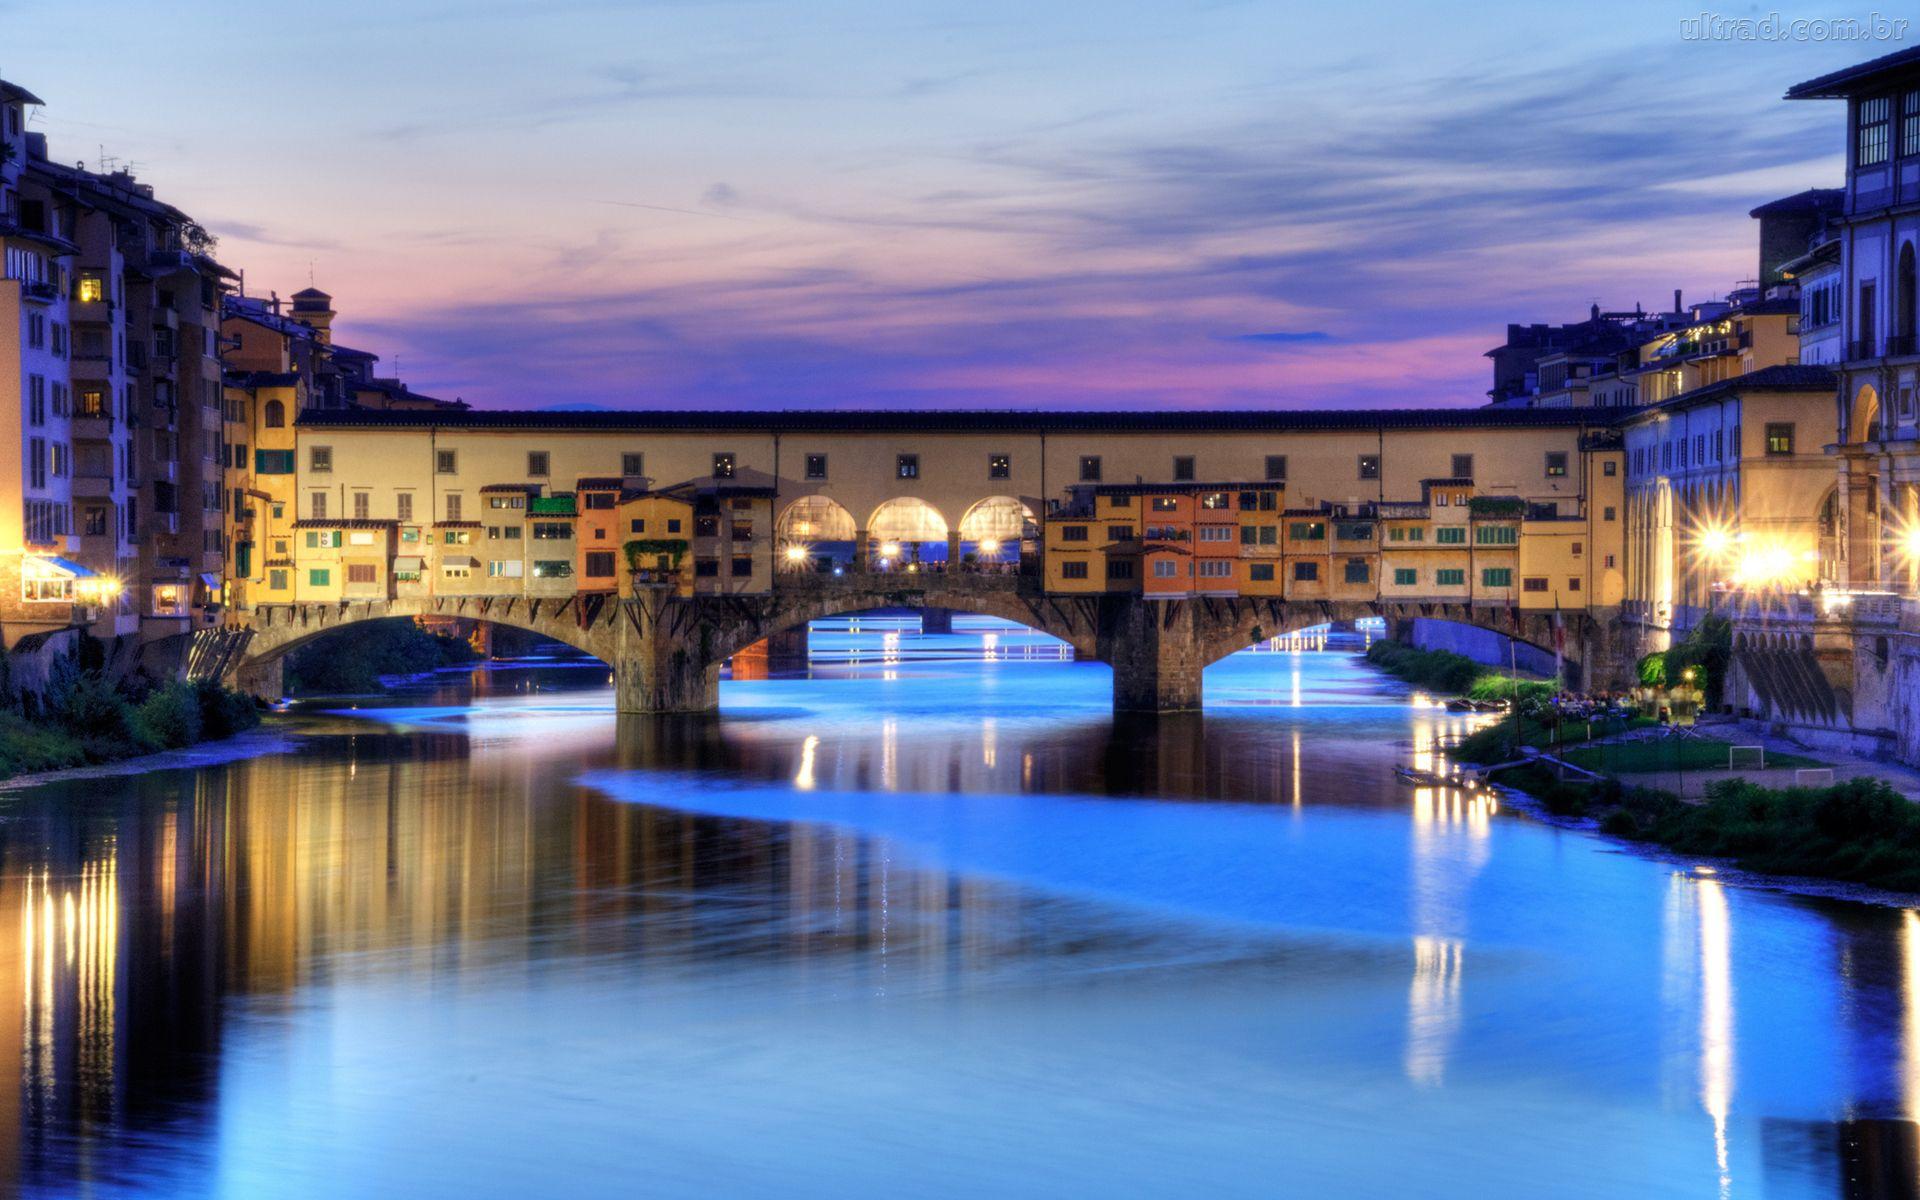 Цена квартир в италии купить